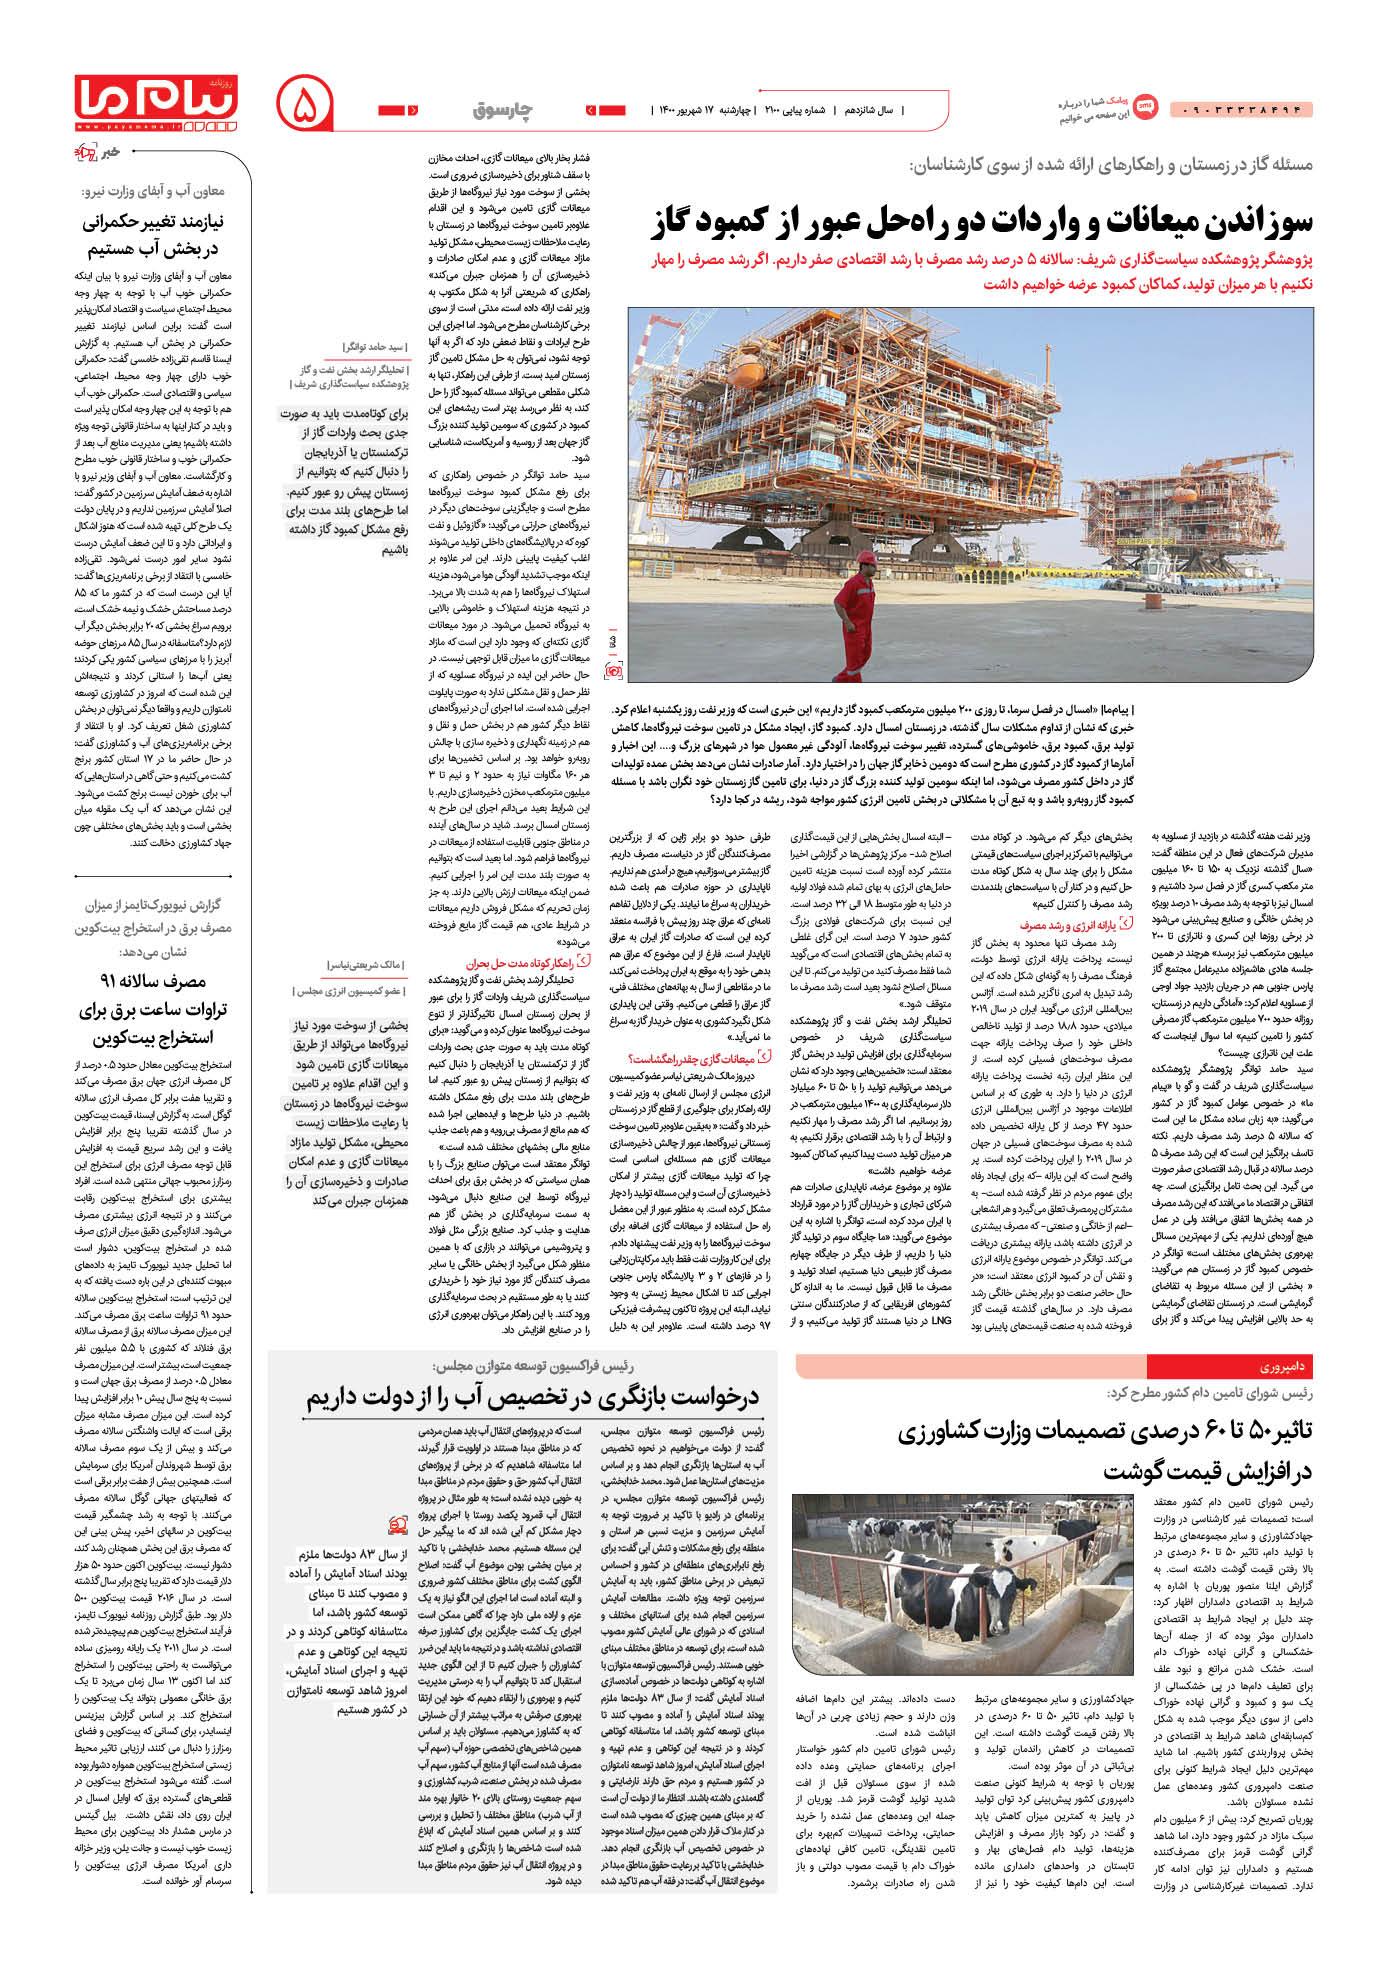 صفحه چارسوق شماره 2100 روزنامه پیام ما